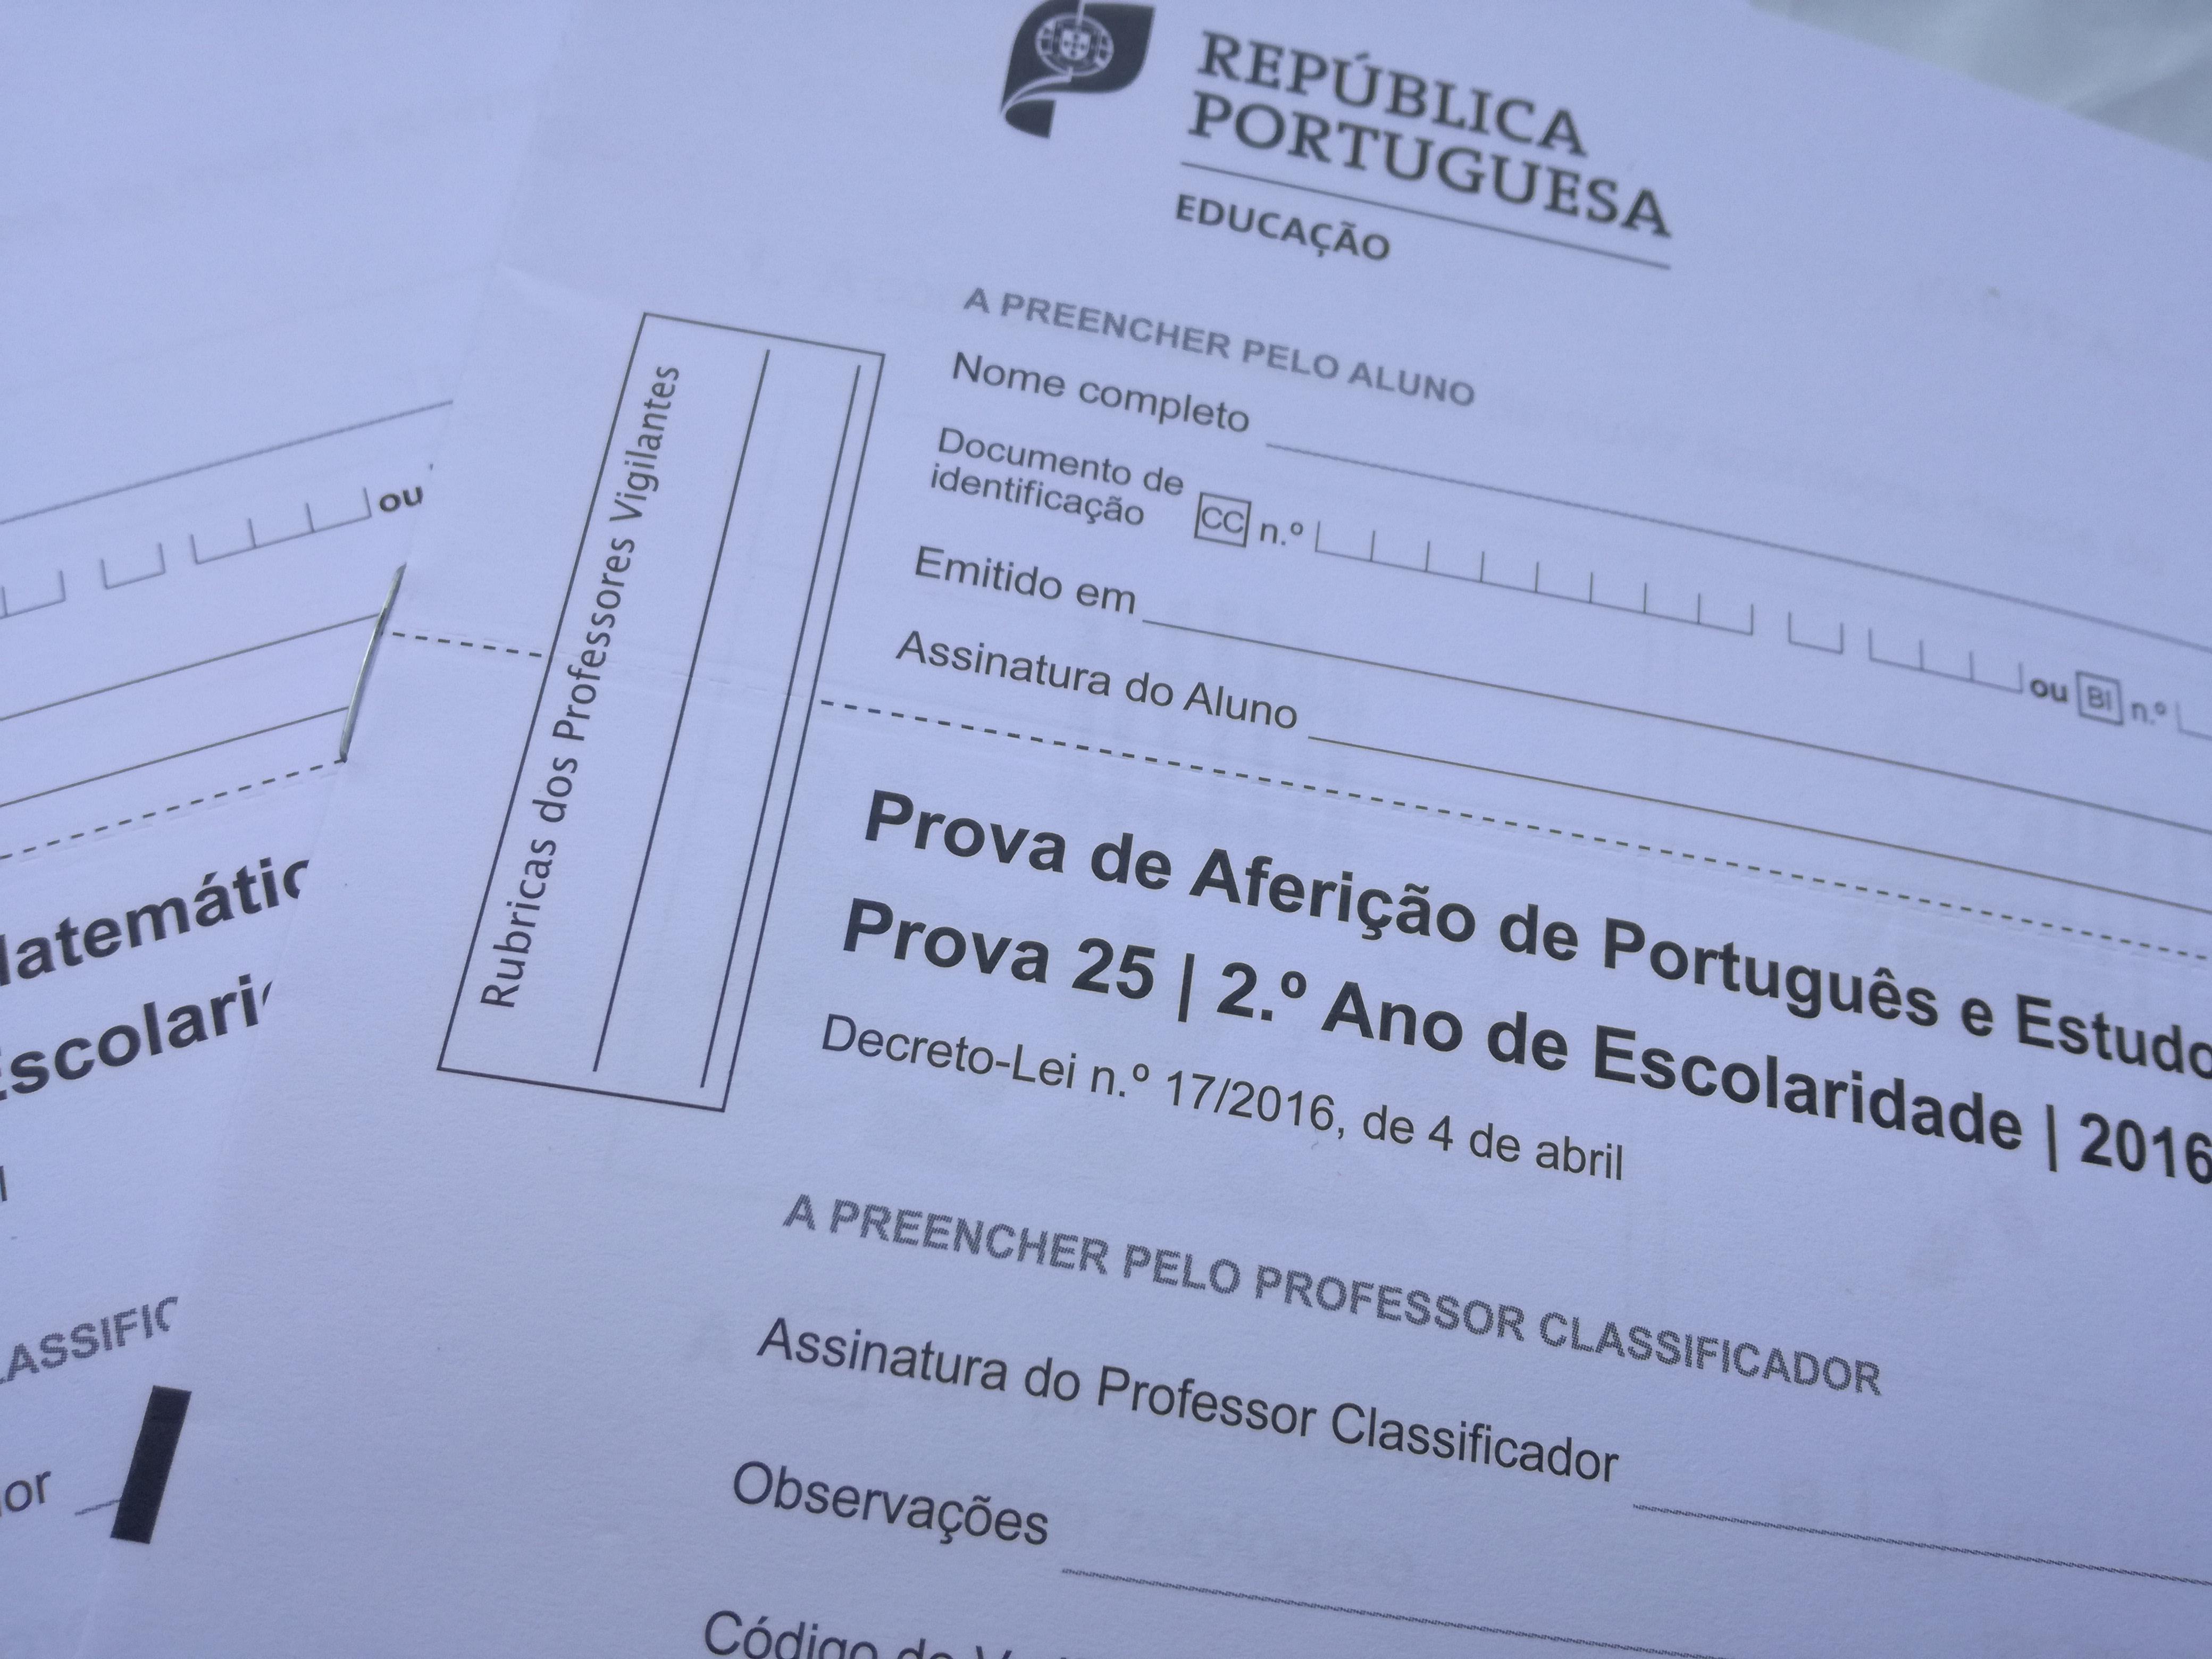 Calendário das Provas de Aferição do Ensino Básico - 2019